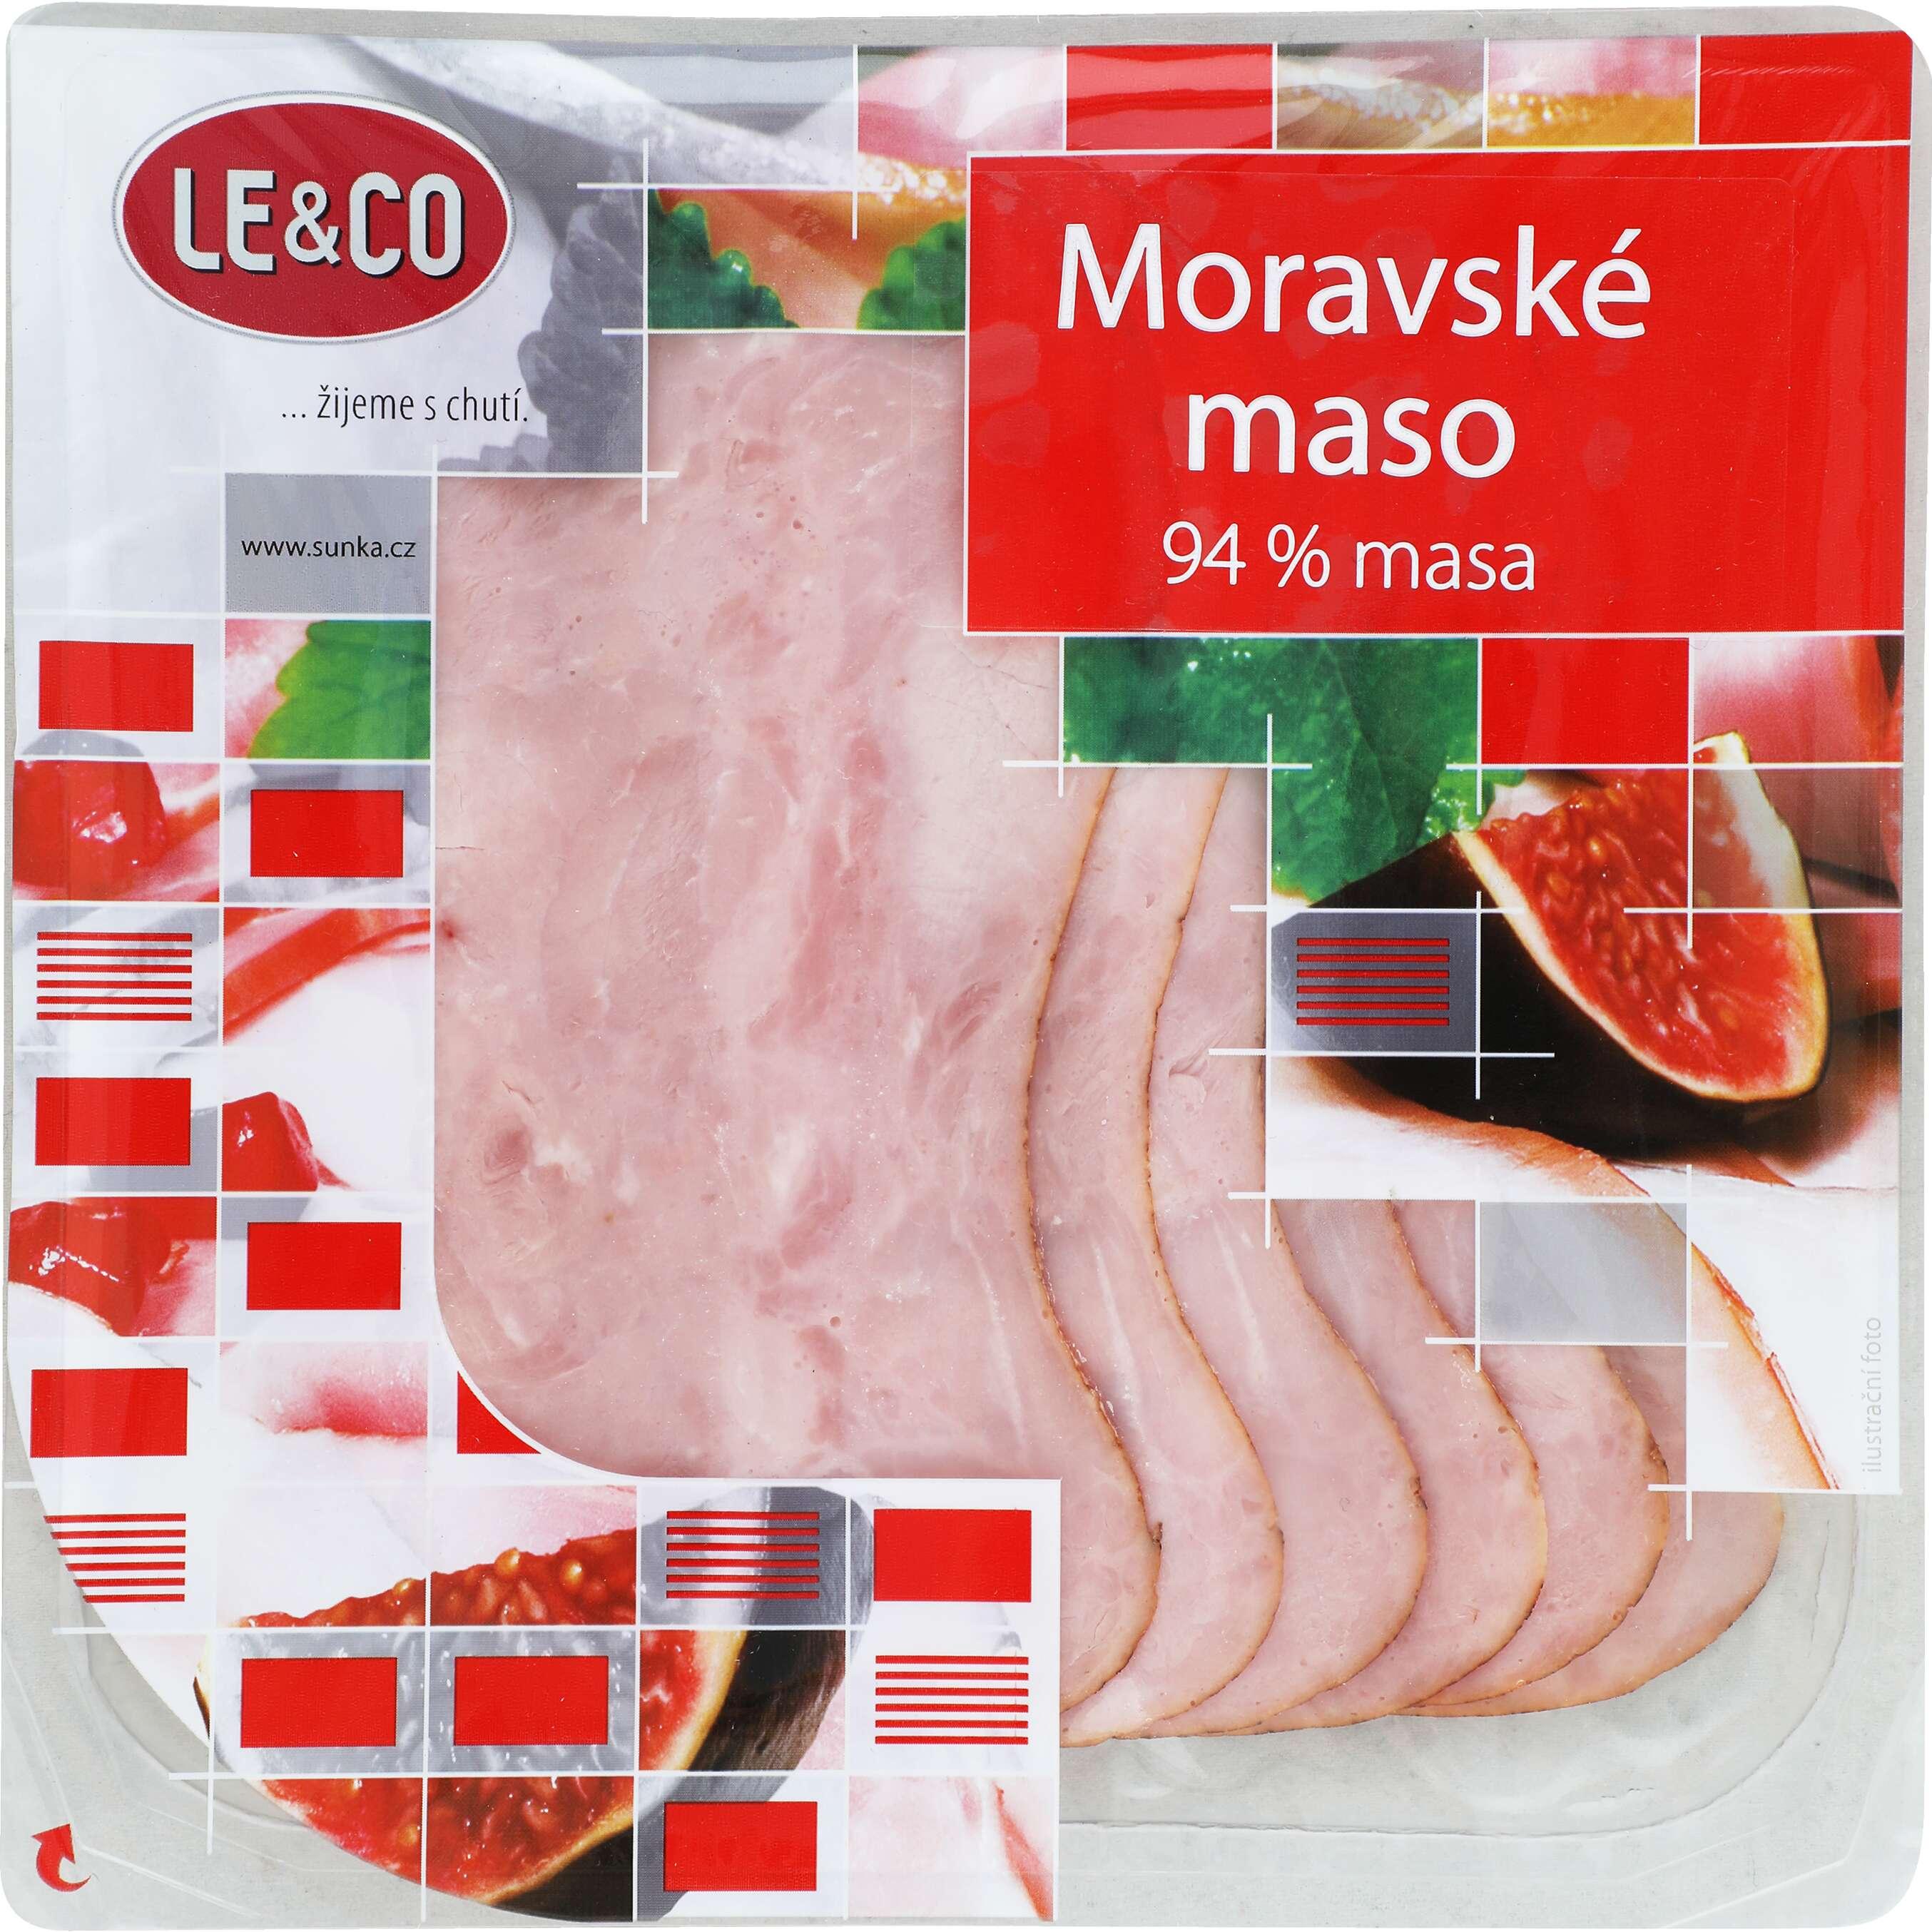 Zobrazenie výrobku LE & CO Moravské mäso